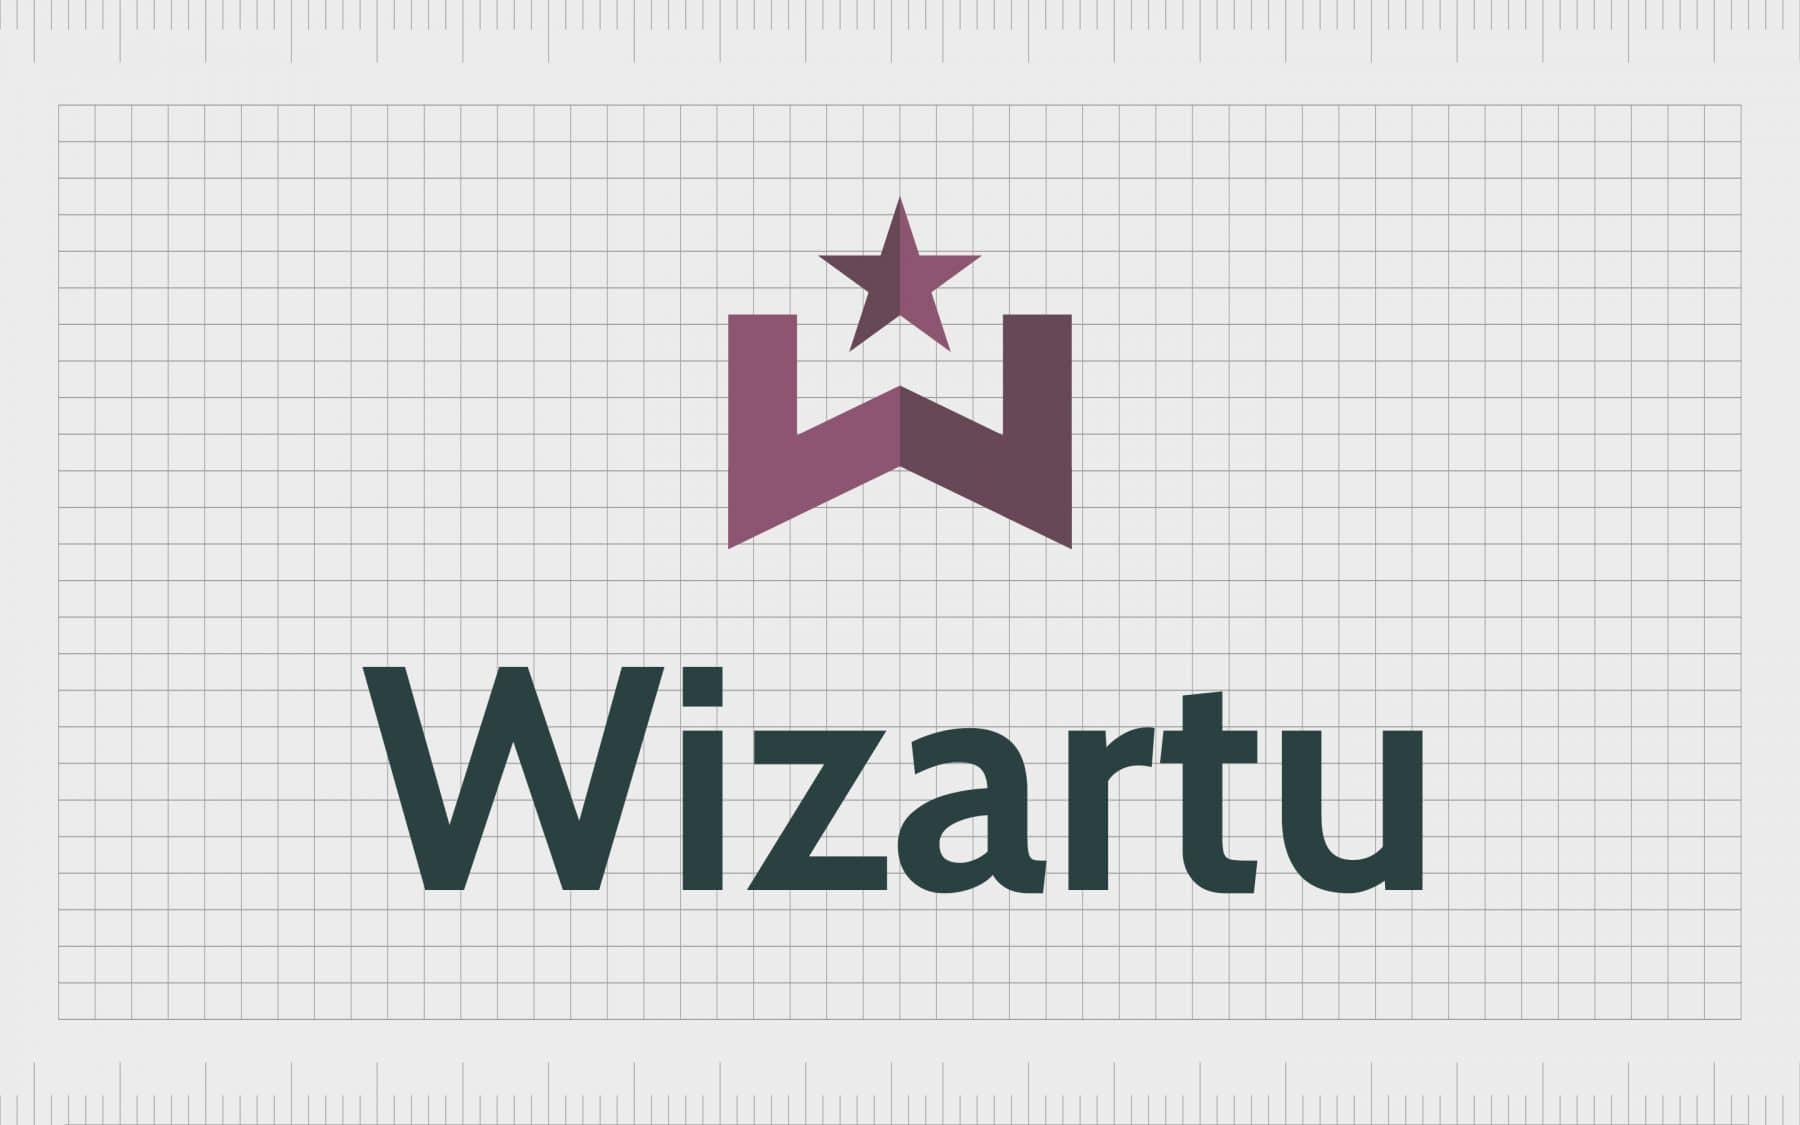 Wizartu